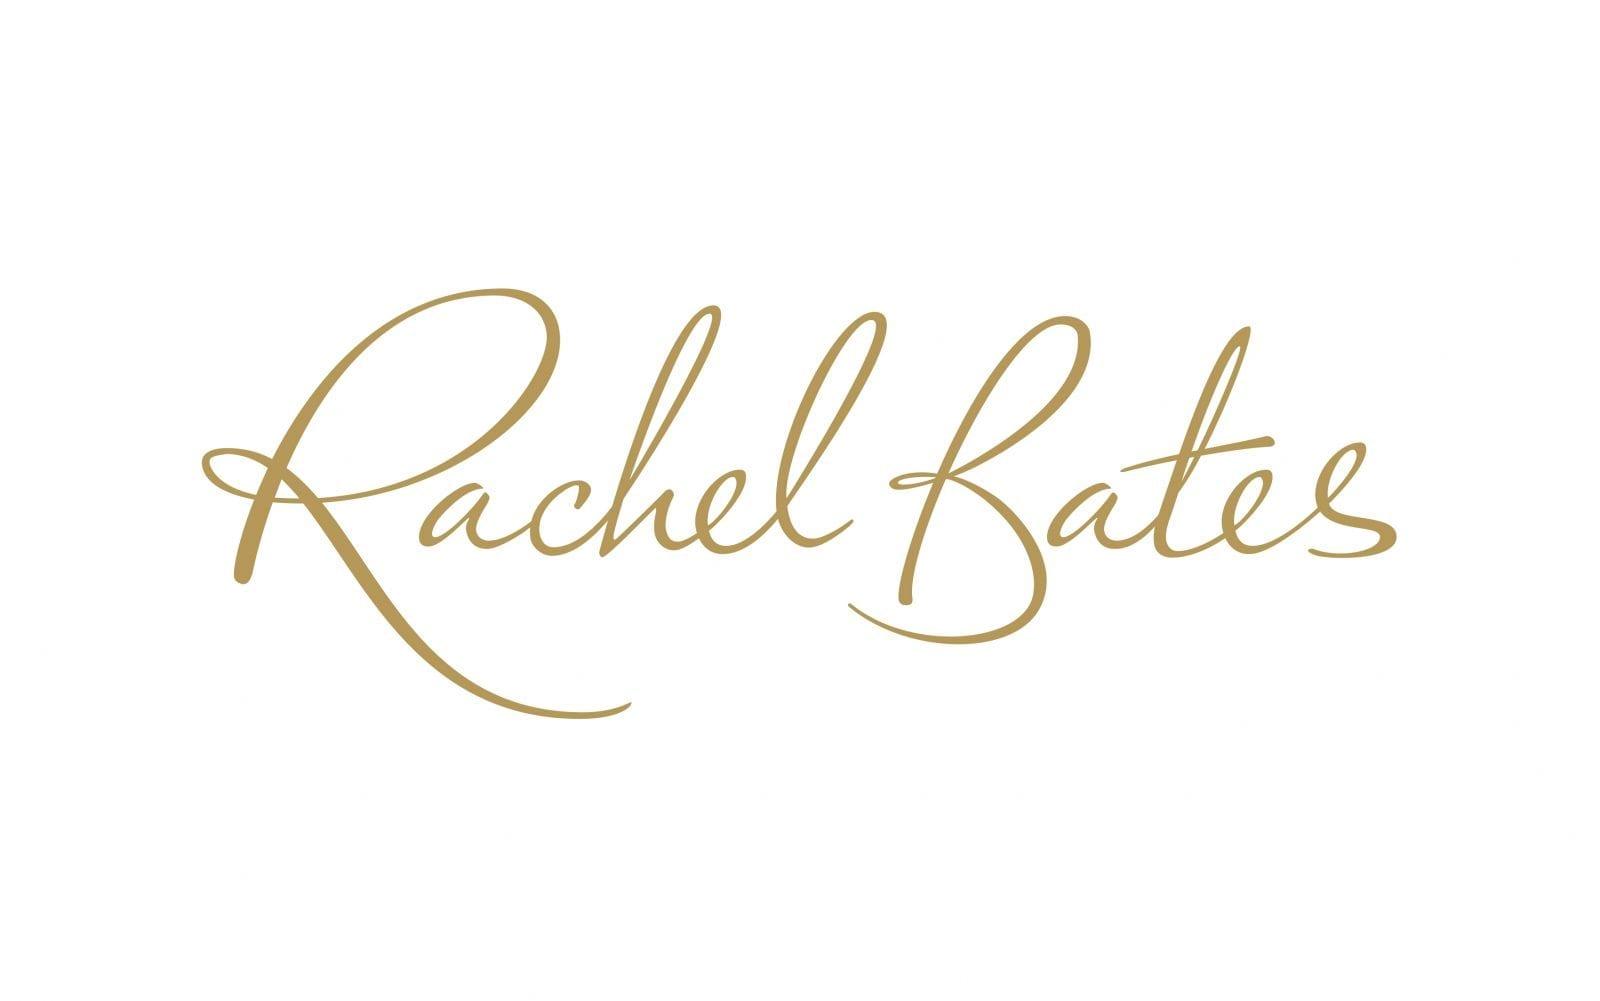 RachelBates